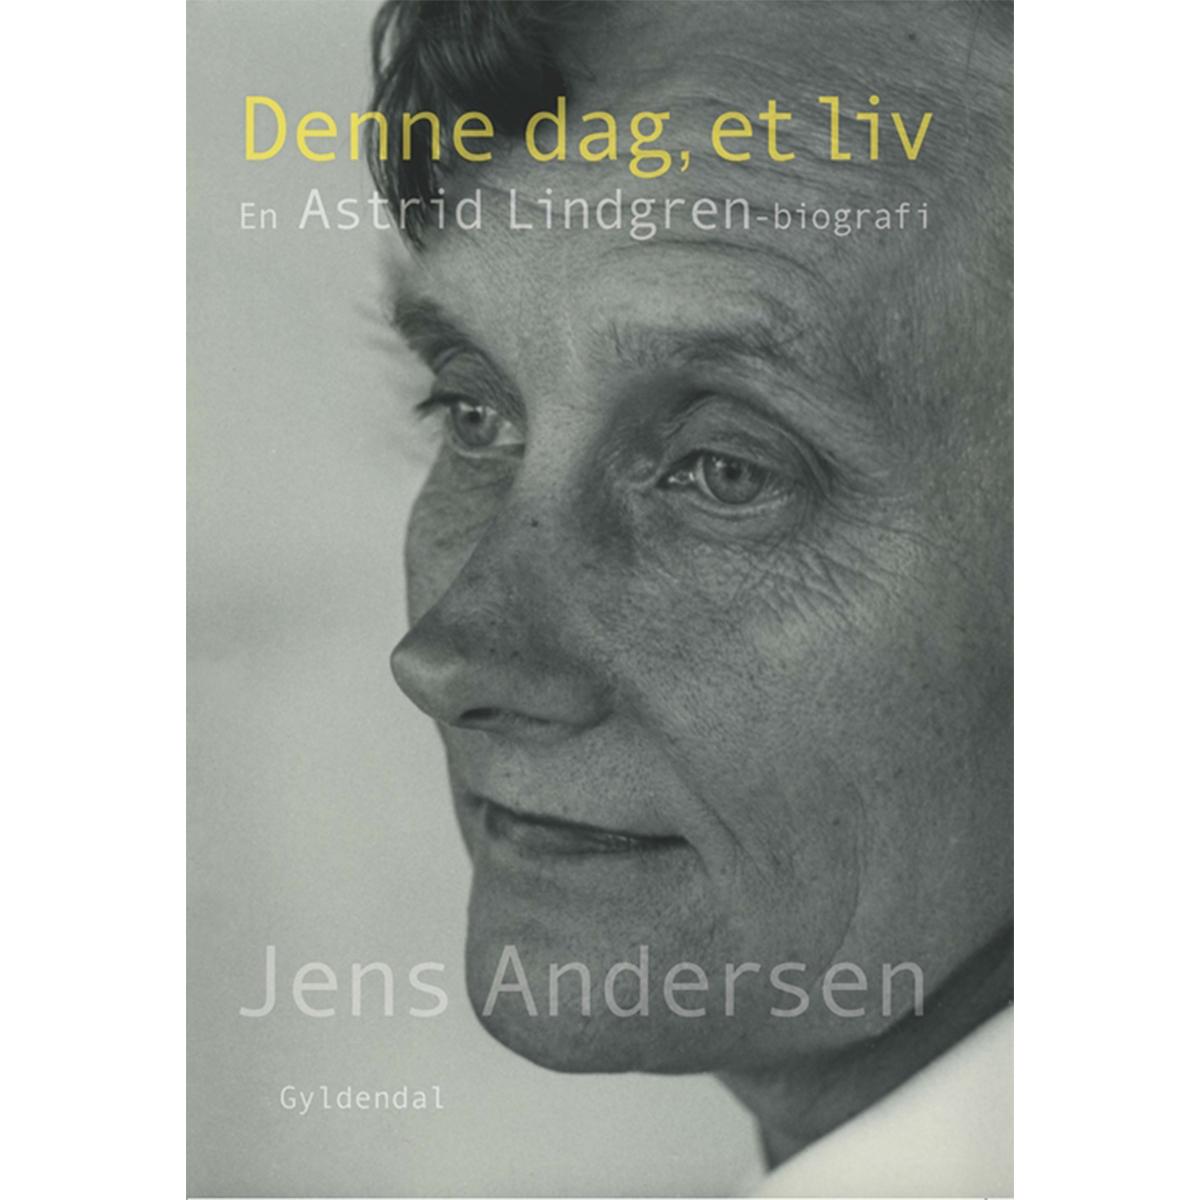 Billede af Denne dag, et liv - en Astrid Lindgren-biografi - Indbundet